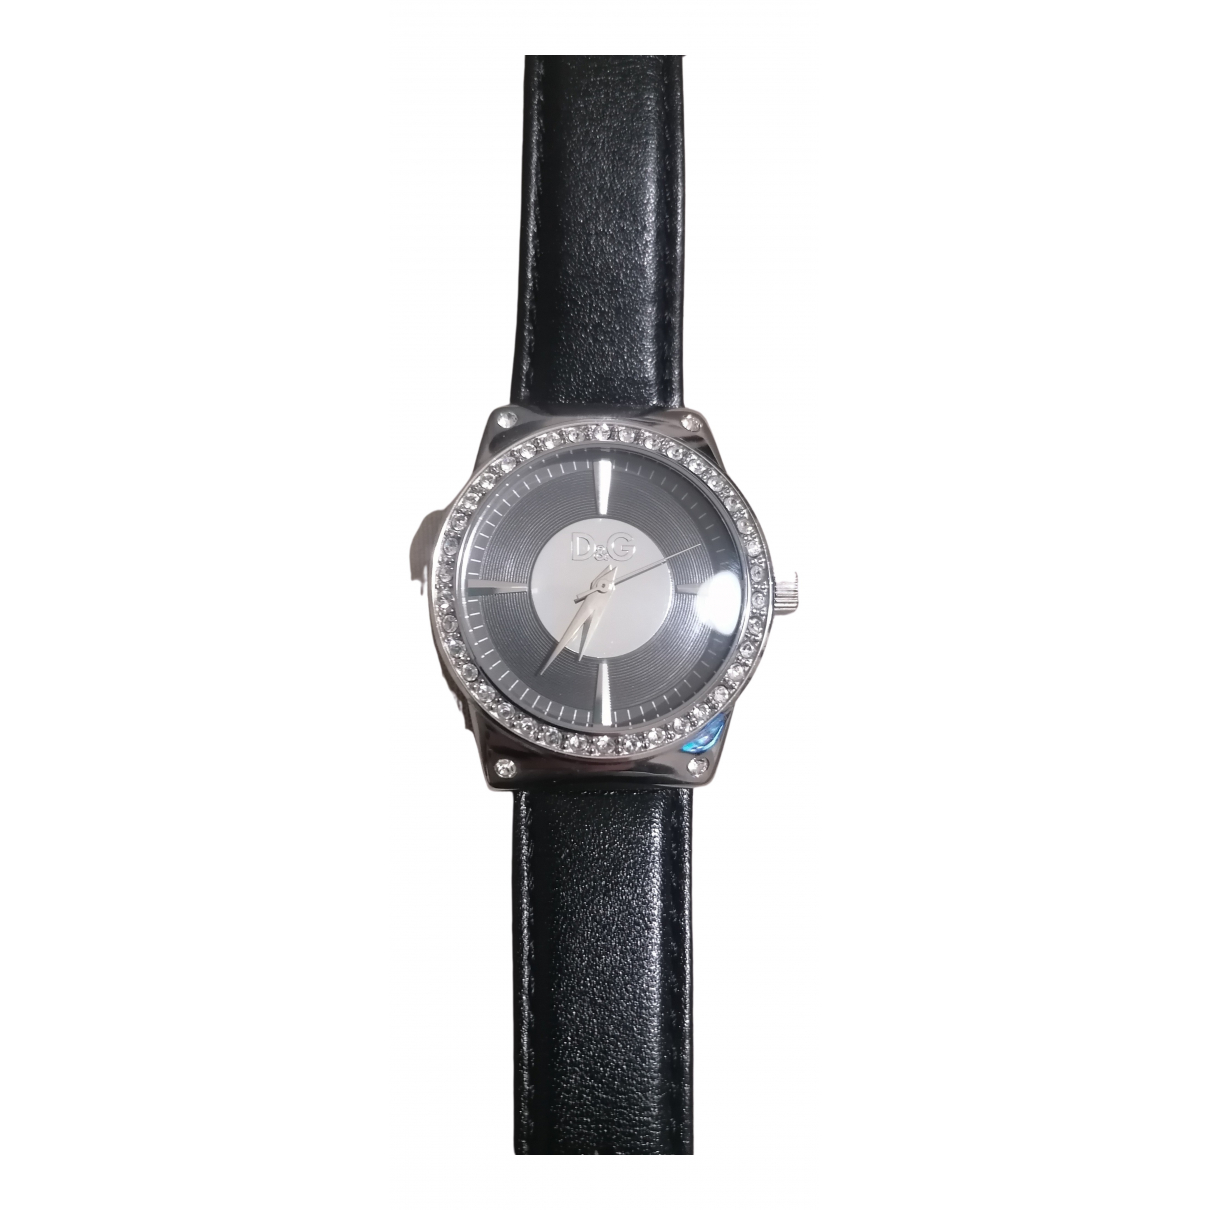 D&g \N Uhr in  Schwarz Stahl